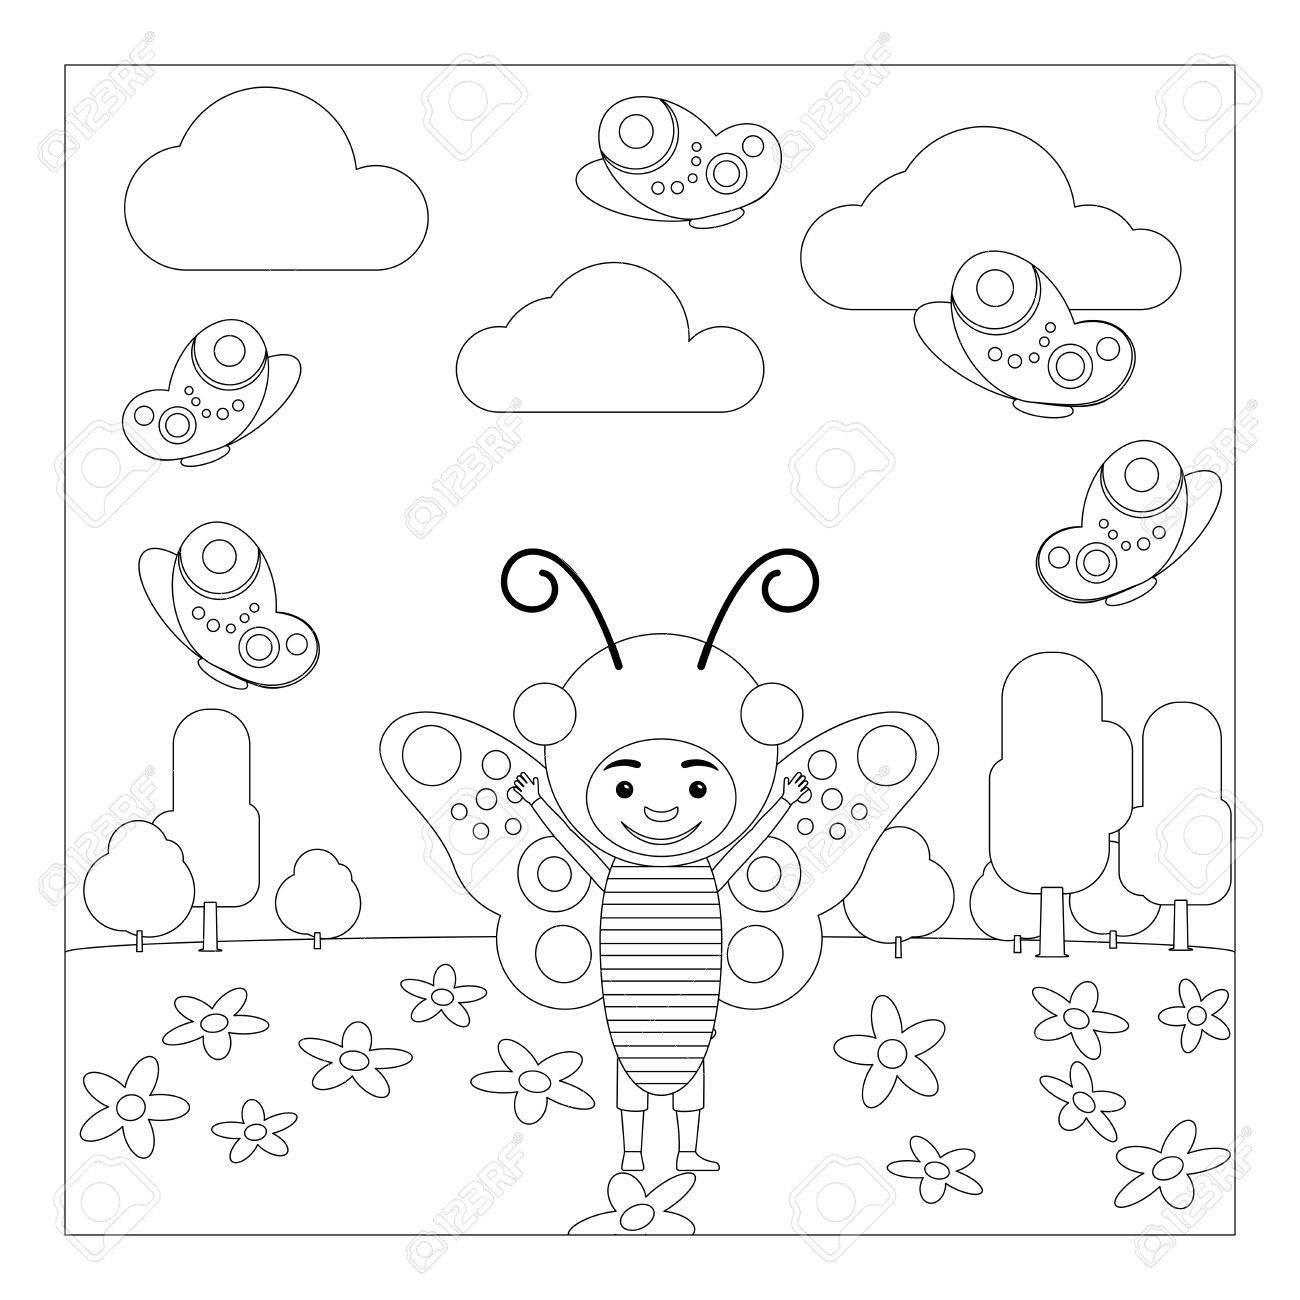 Niños En Traje De Fantasía De Insectos En El Jardín Infantil Dibujo Para Colorear Para Los Niños Ilustración Vectorial Ilustraciones Vectoriales Clip Art Vectorizado Libre De Derechos Image 64416533